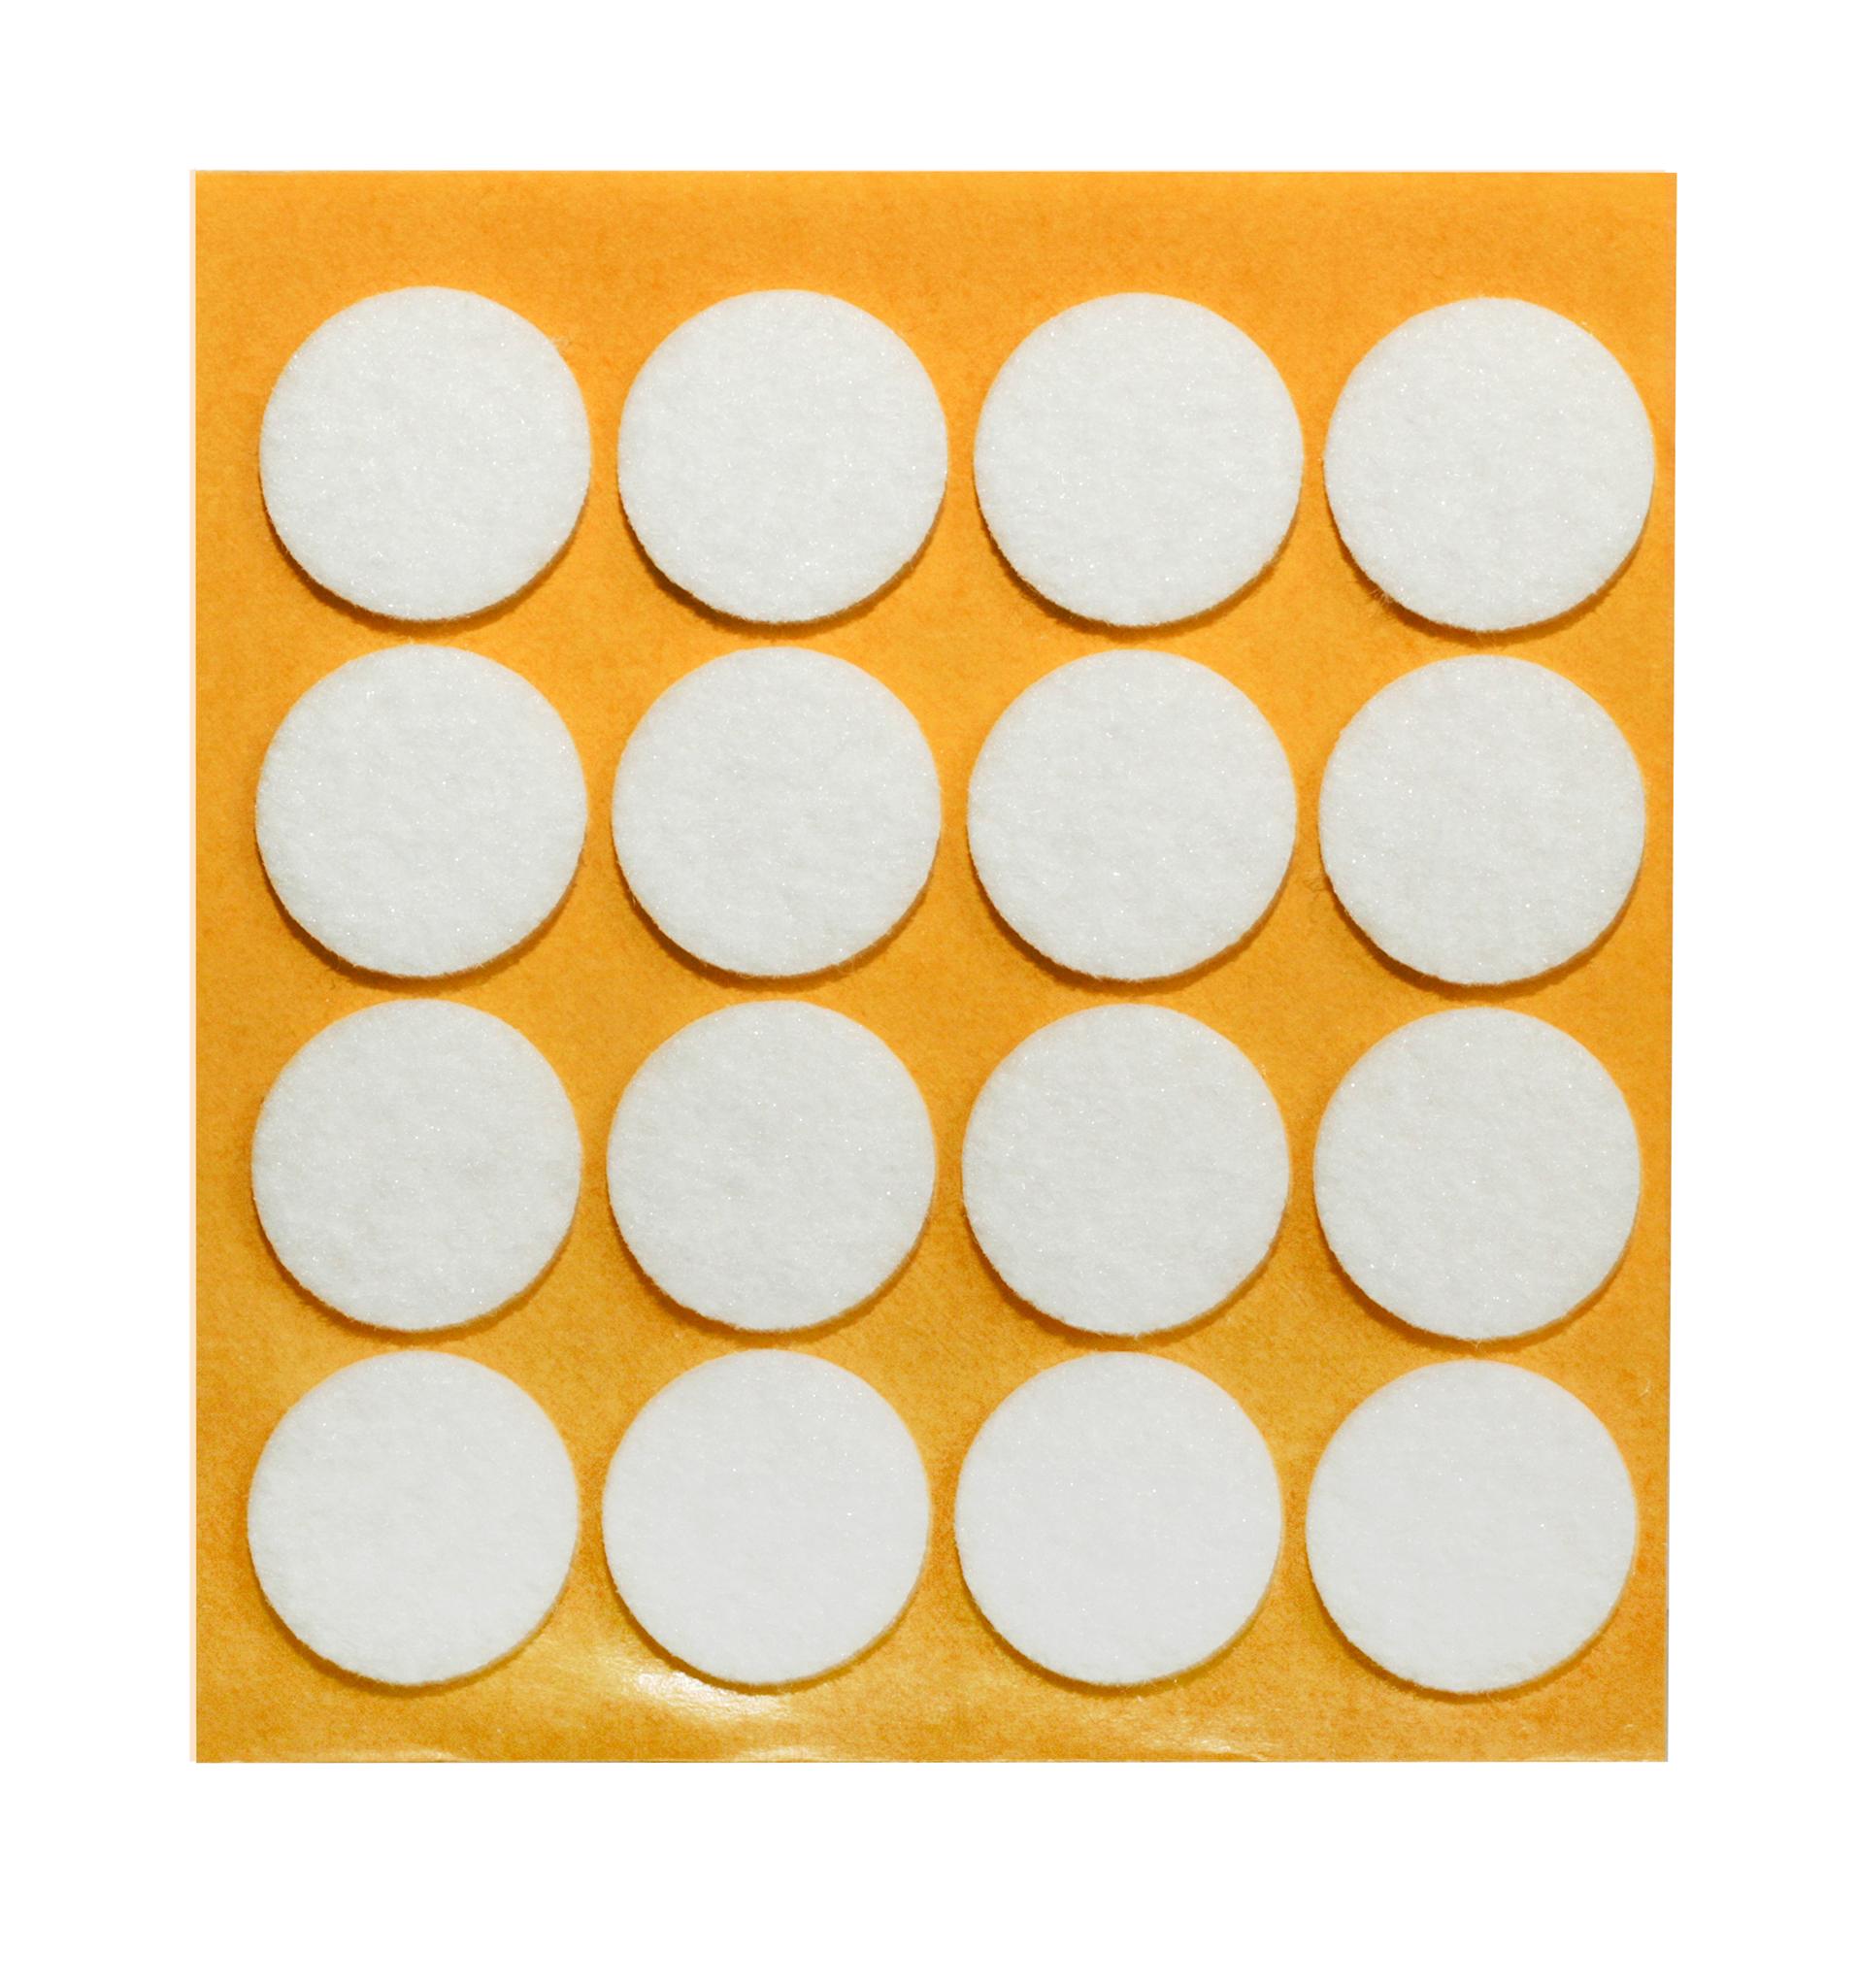 Filzgleiter weiß selbstklebend Ø 22mm